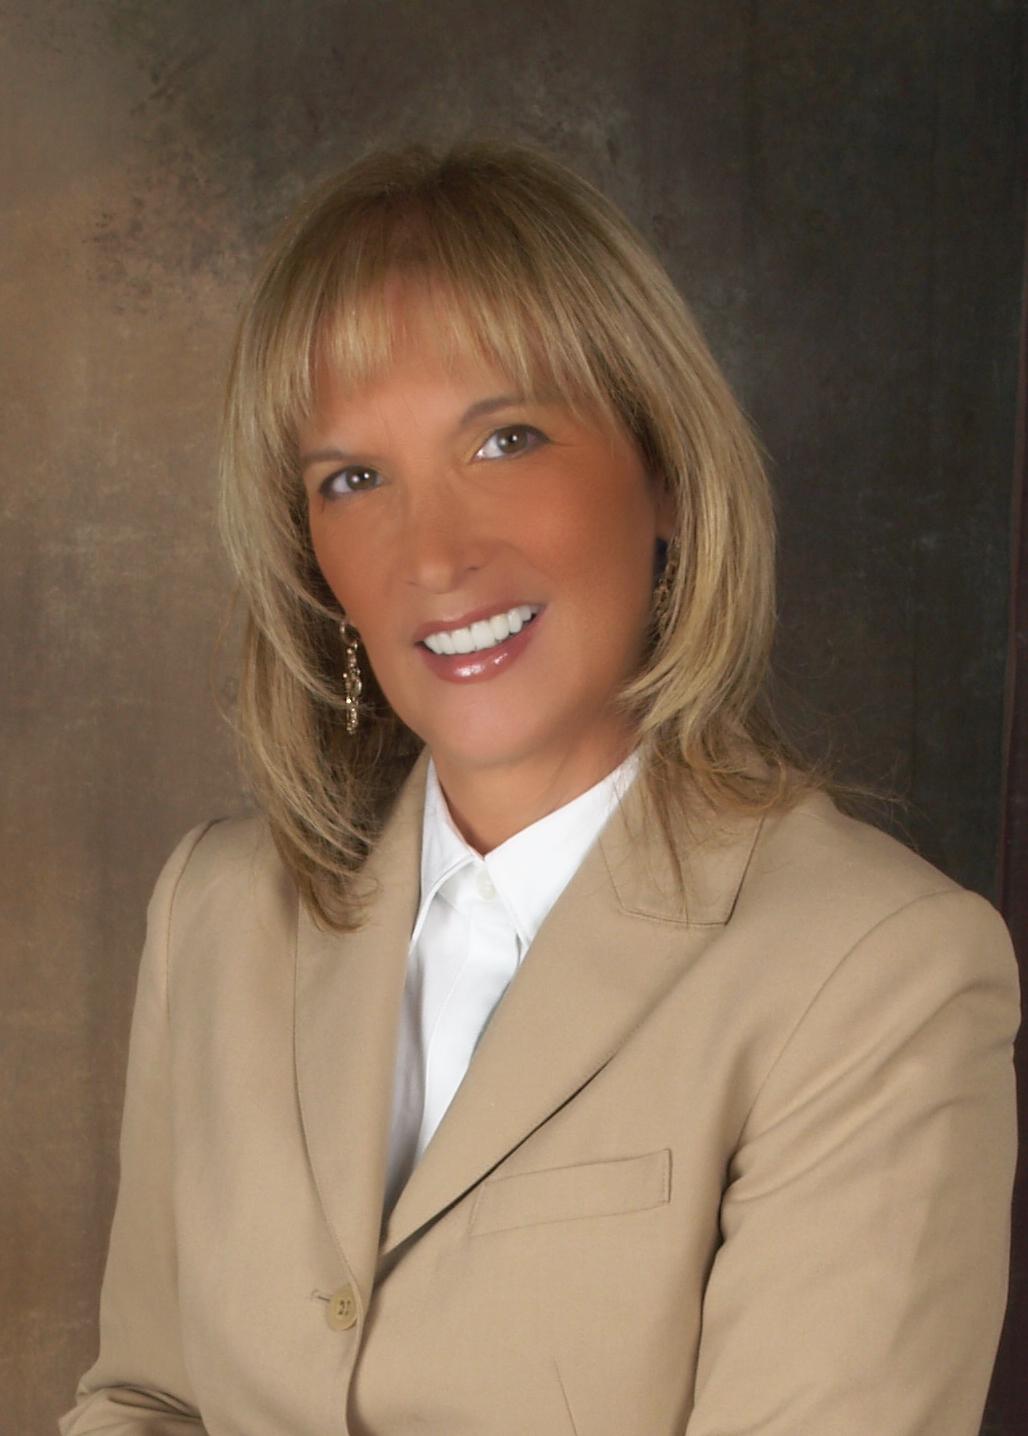 Kathy Wynn, NYS Licensed Real Estate Associate Broker